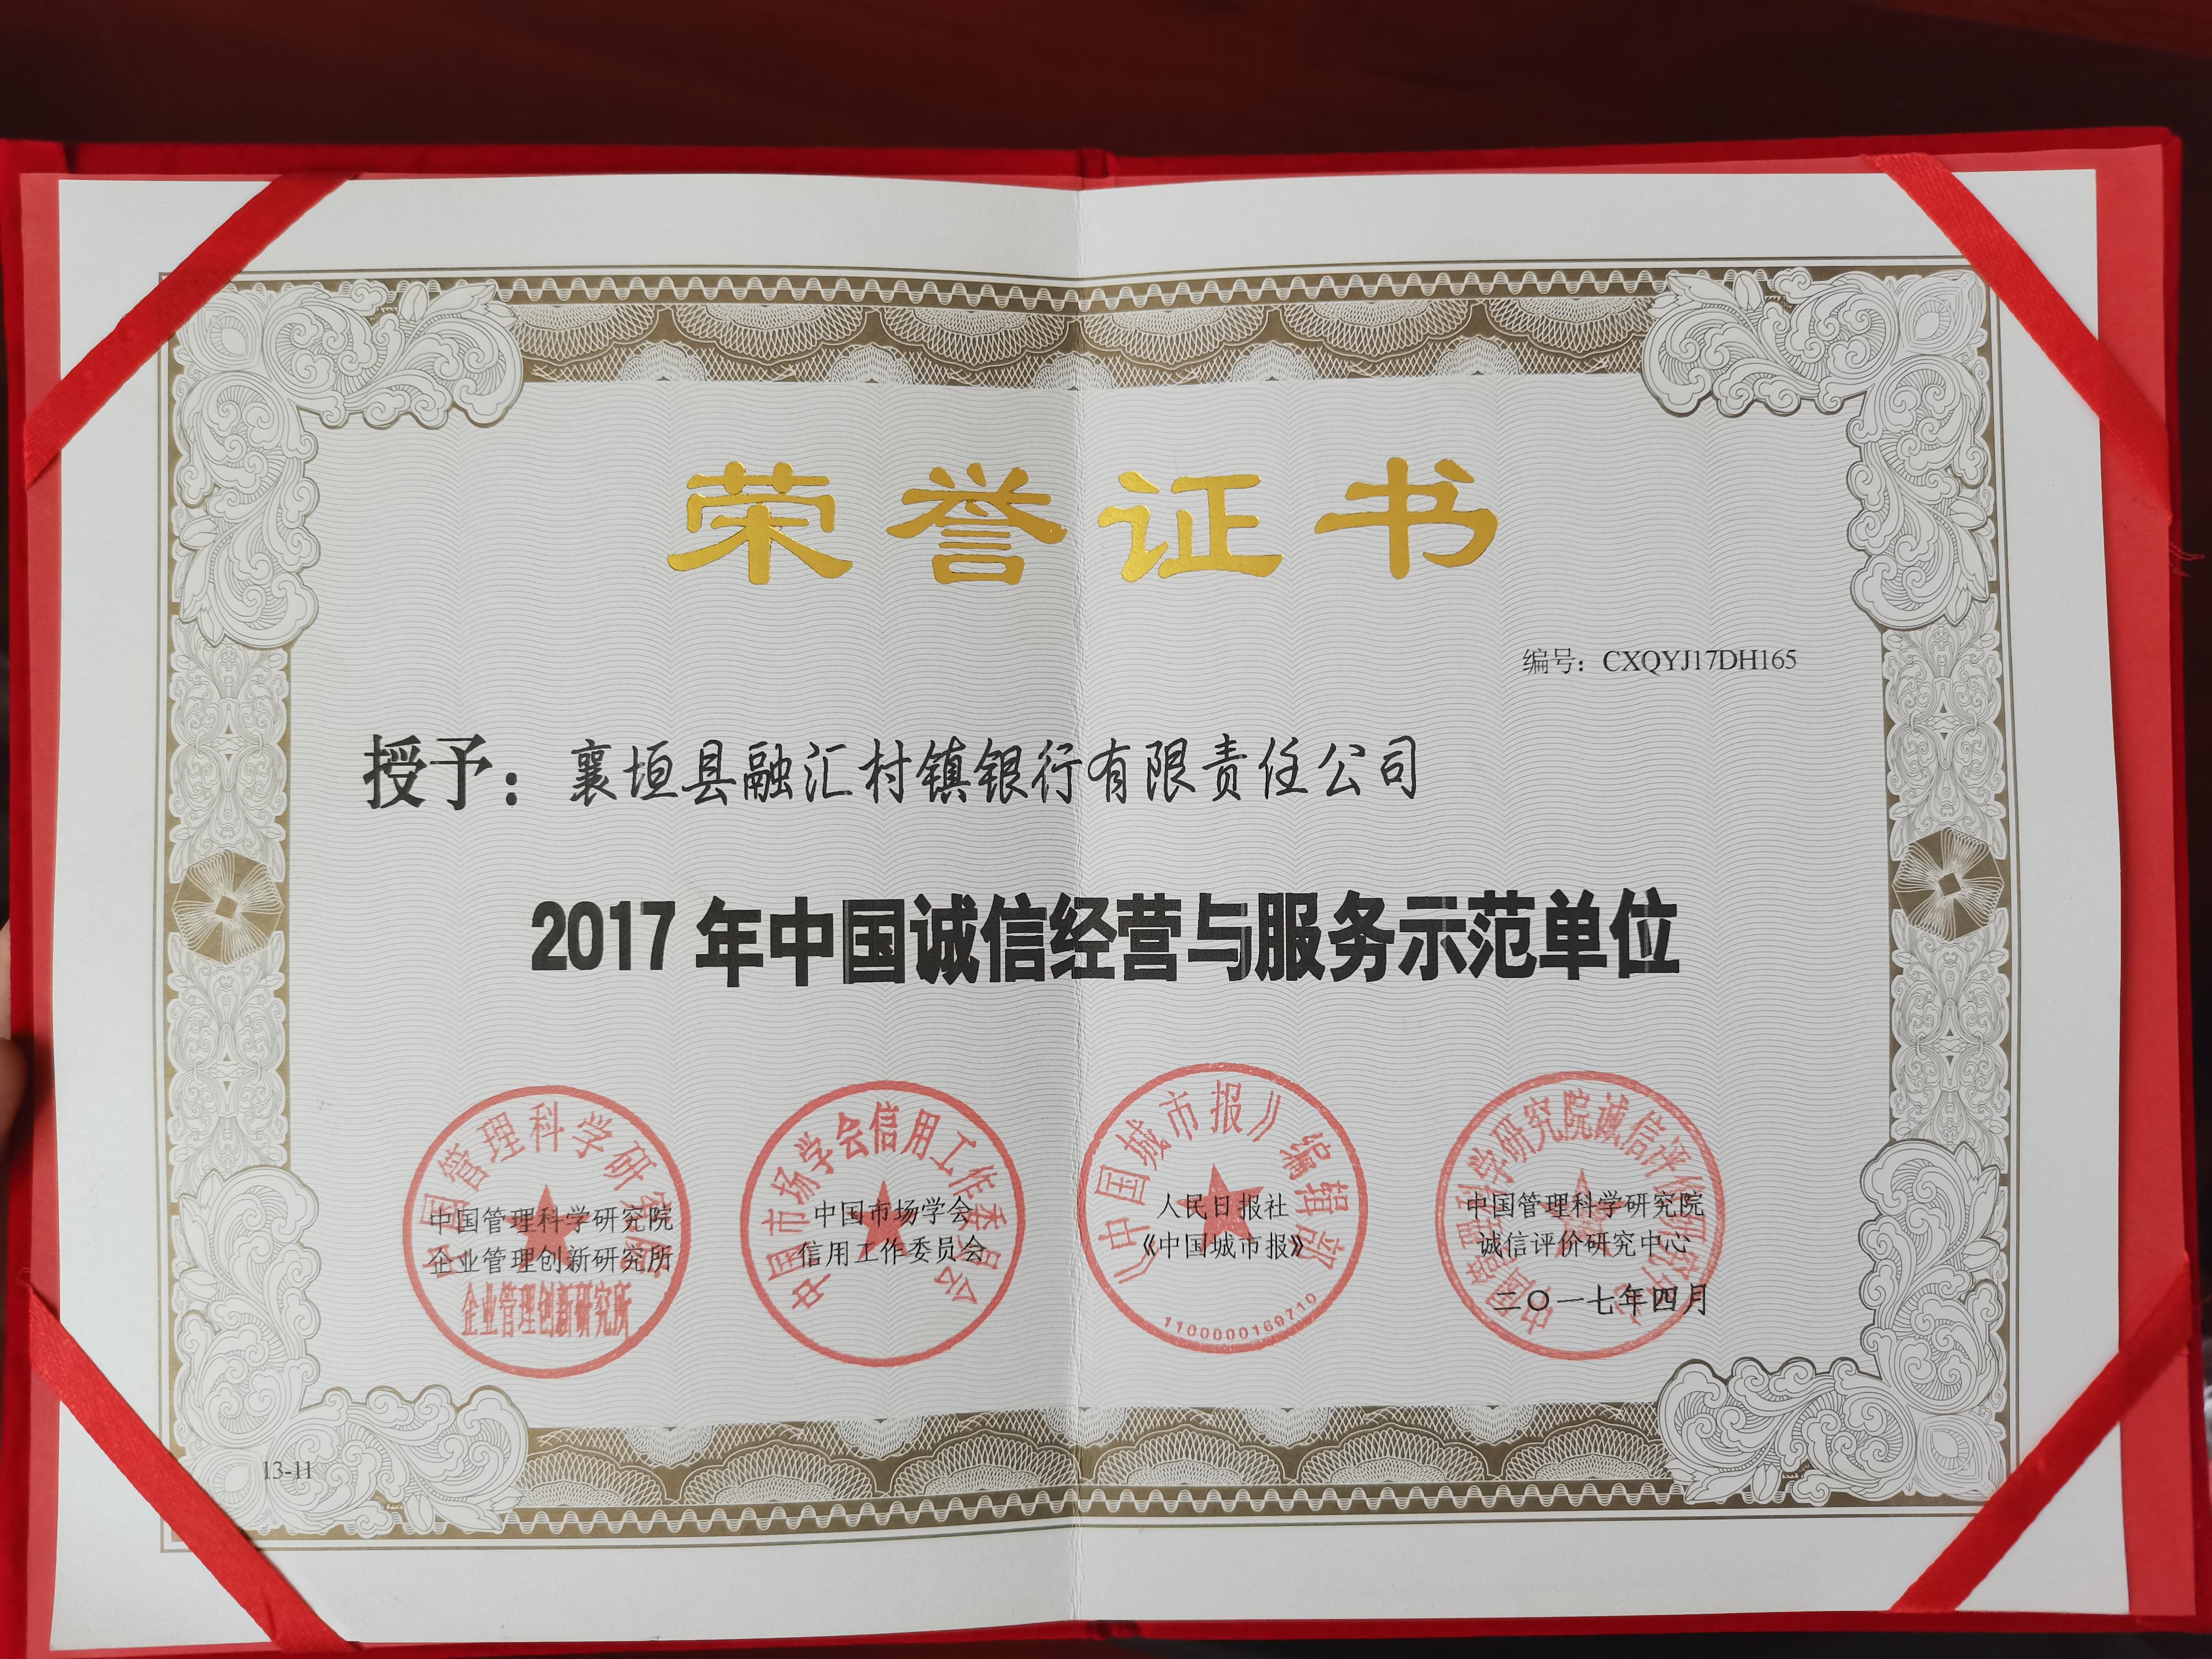 2017年4月 榮獲2017年中國誠信經營與服務示范單位榮譽證書